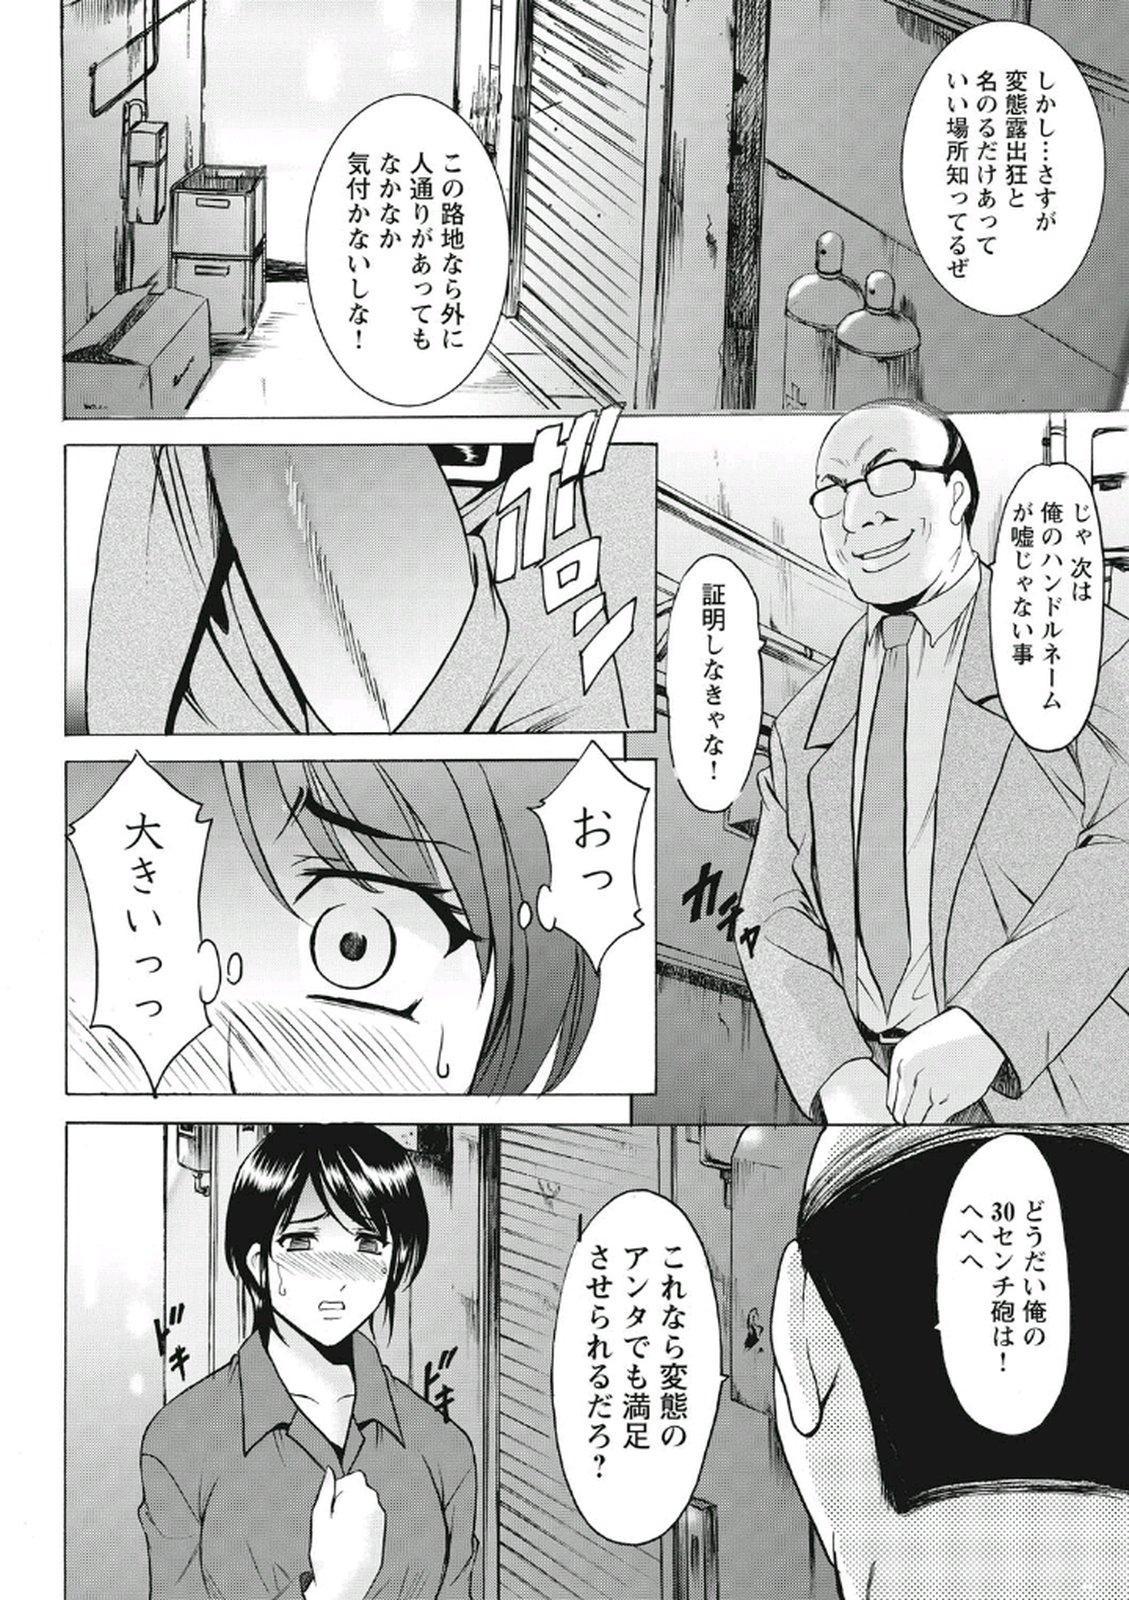 Chijoku Byoutou 169